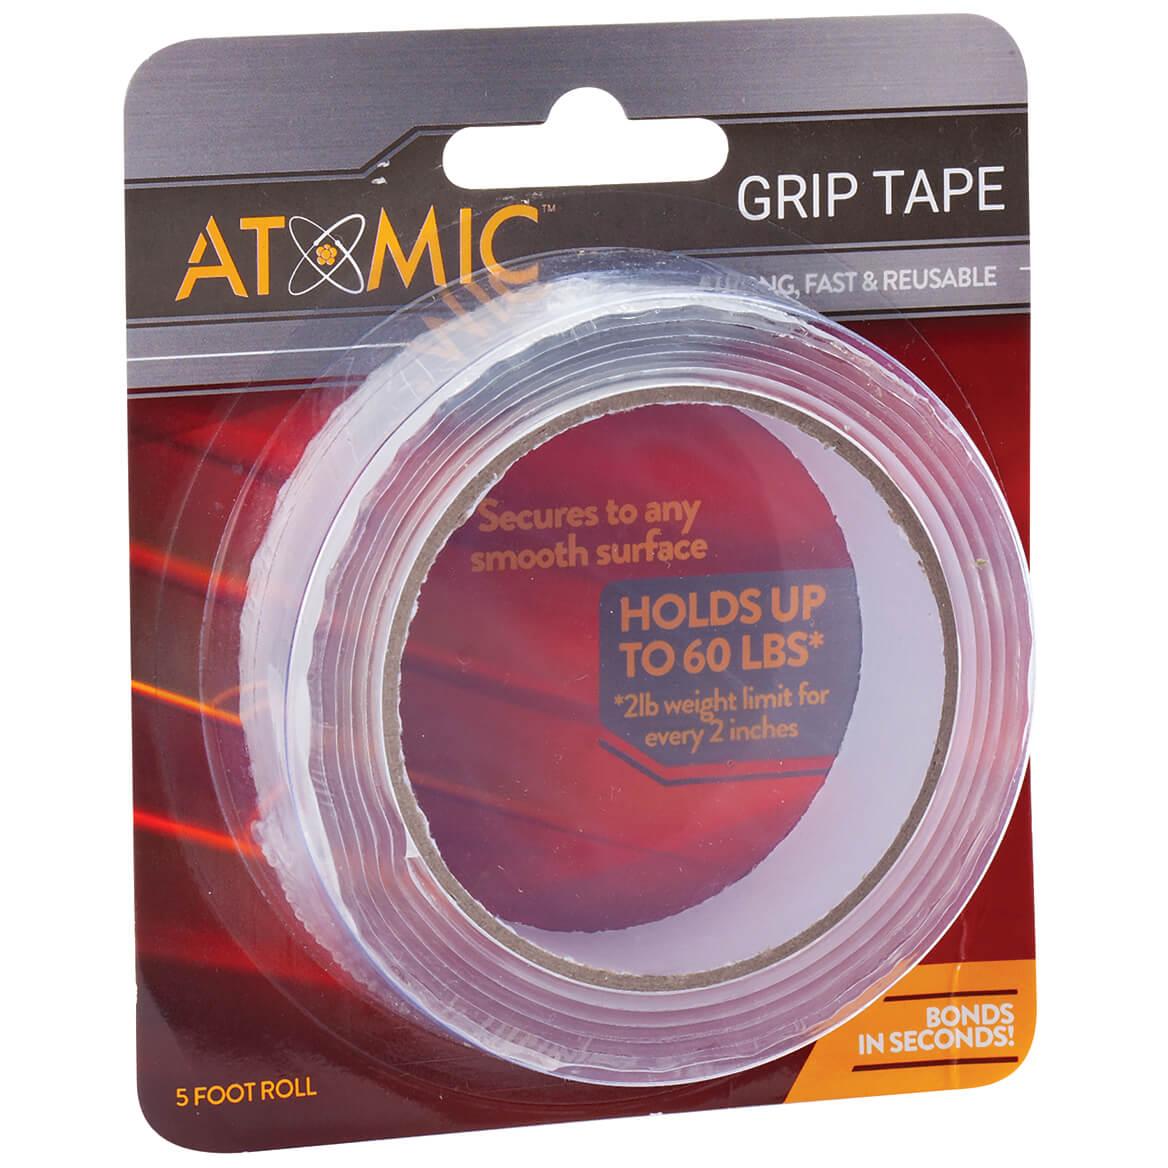 Atomic Grip Tape-371559